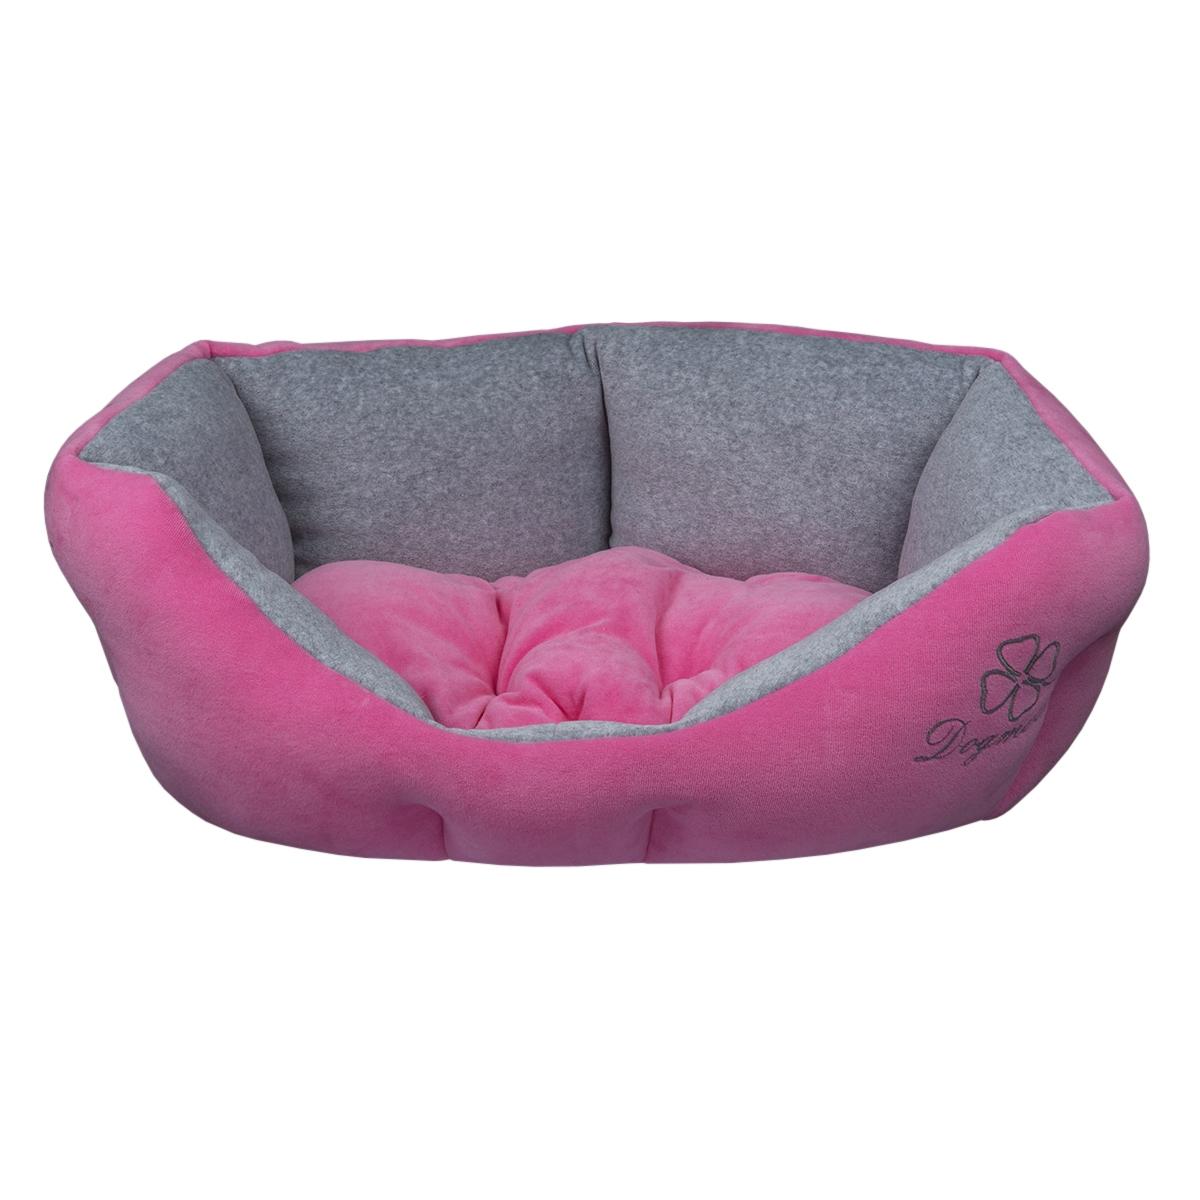 Лежак для животных Dogmoda Ретро, цвет: розовый, серый, 54 х 50 х 23 смDM-160111Лежак Dogmoda Ретро непременно станет любимым местом отдыха вашего домашнего животного. Изделие выполнено из высококачественного полиэстера и велюра, а наполнитель - из холлофайбера. Такой материал не теряет своей формы долгое время. Внутри имеется мягкая съемная подстилка. На таком лежаке вашему любимцу будет мягко и тепло. Он подарит вашему питомцу ощущение уюта и уединенности.